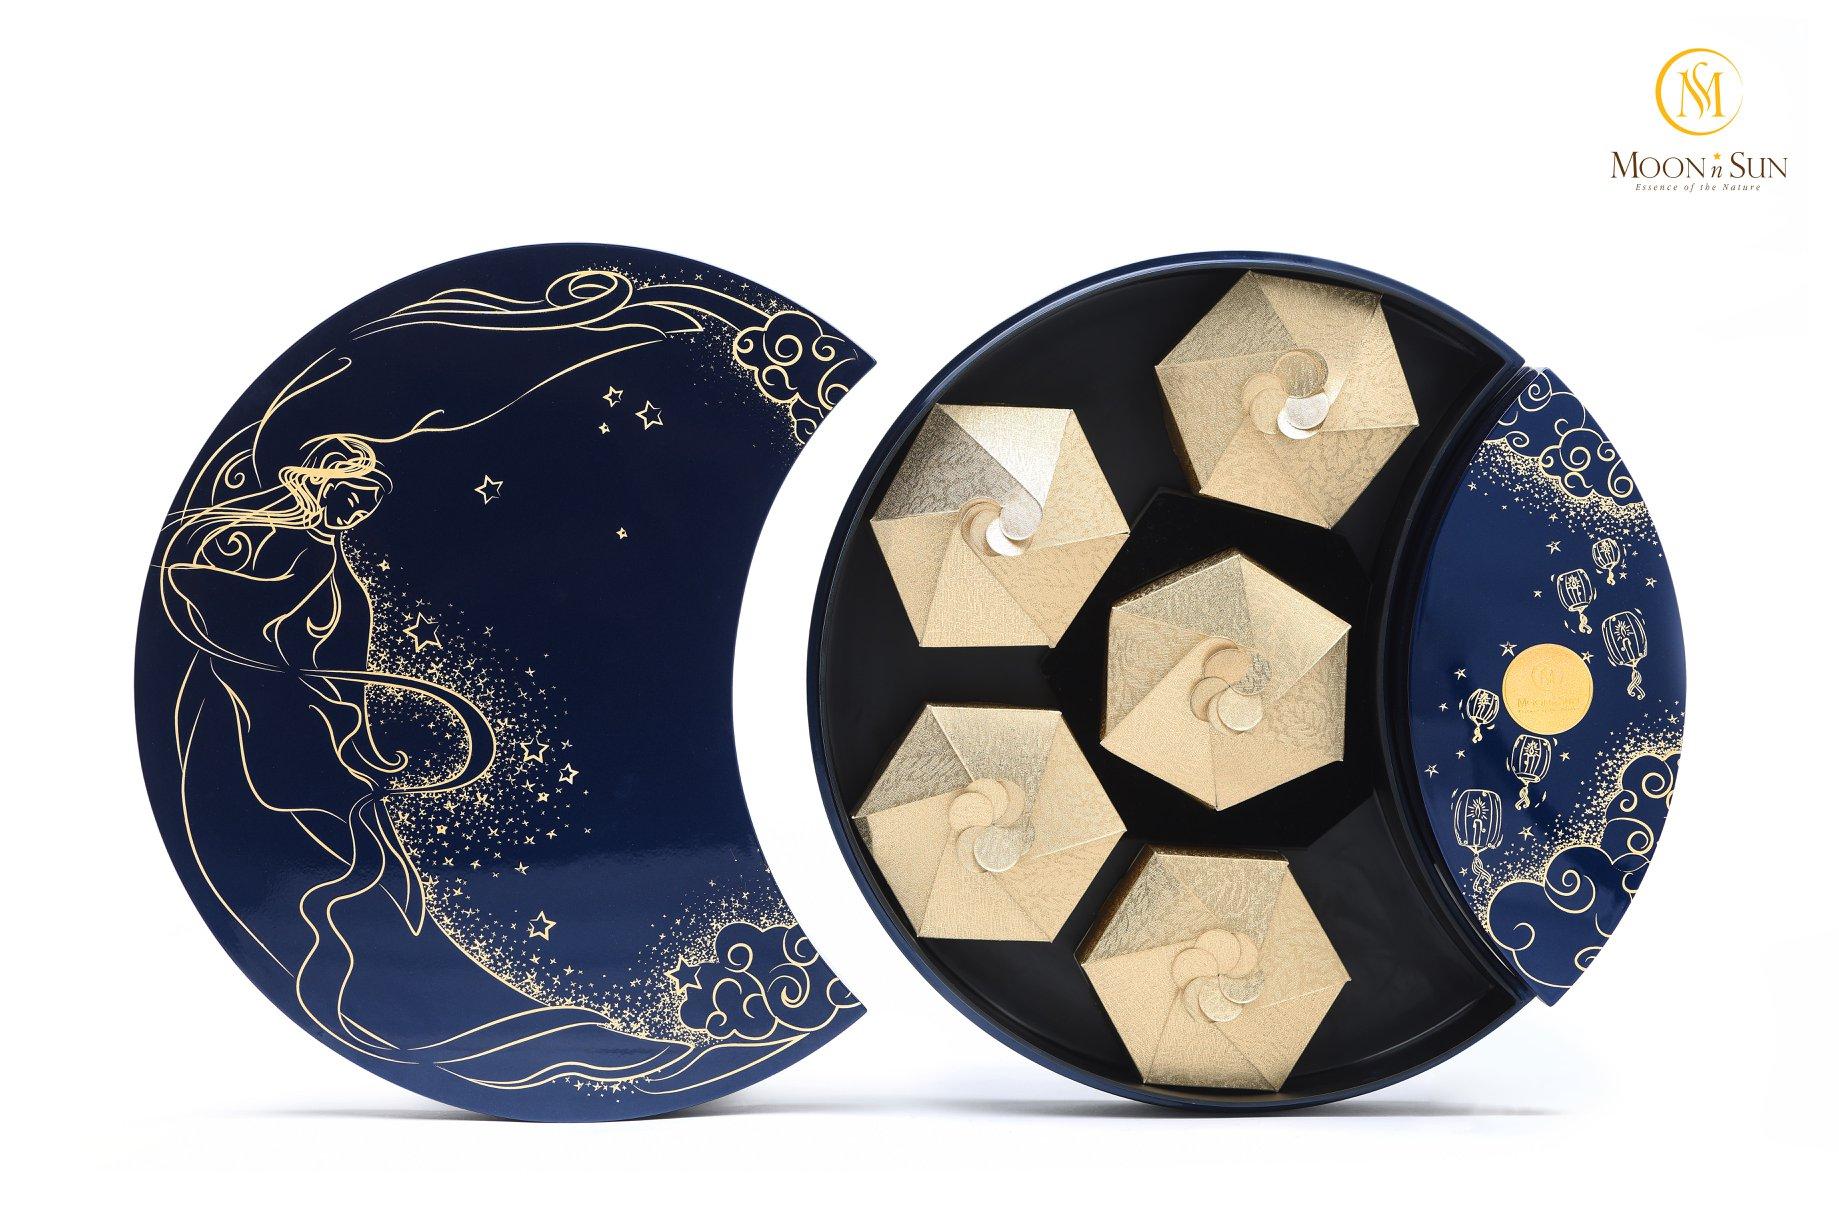 """Một mẫu bánh trong Bộ sưu tập""""Ánh trăng mùa vàng"""" của MnS dành cho mùa Trung thu 2019"""